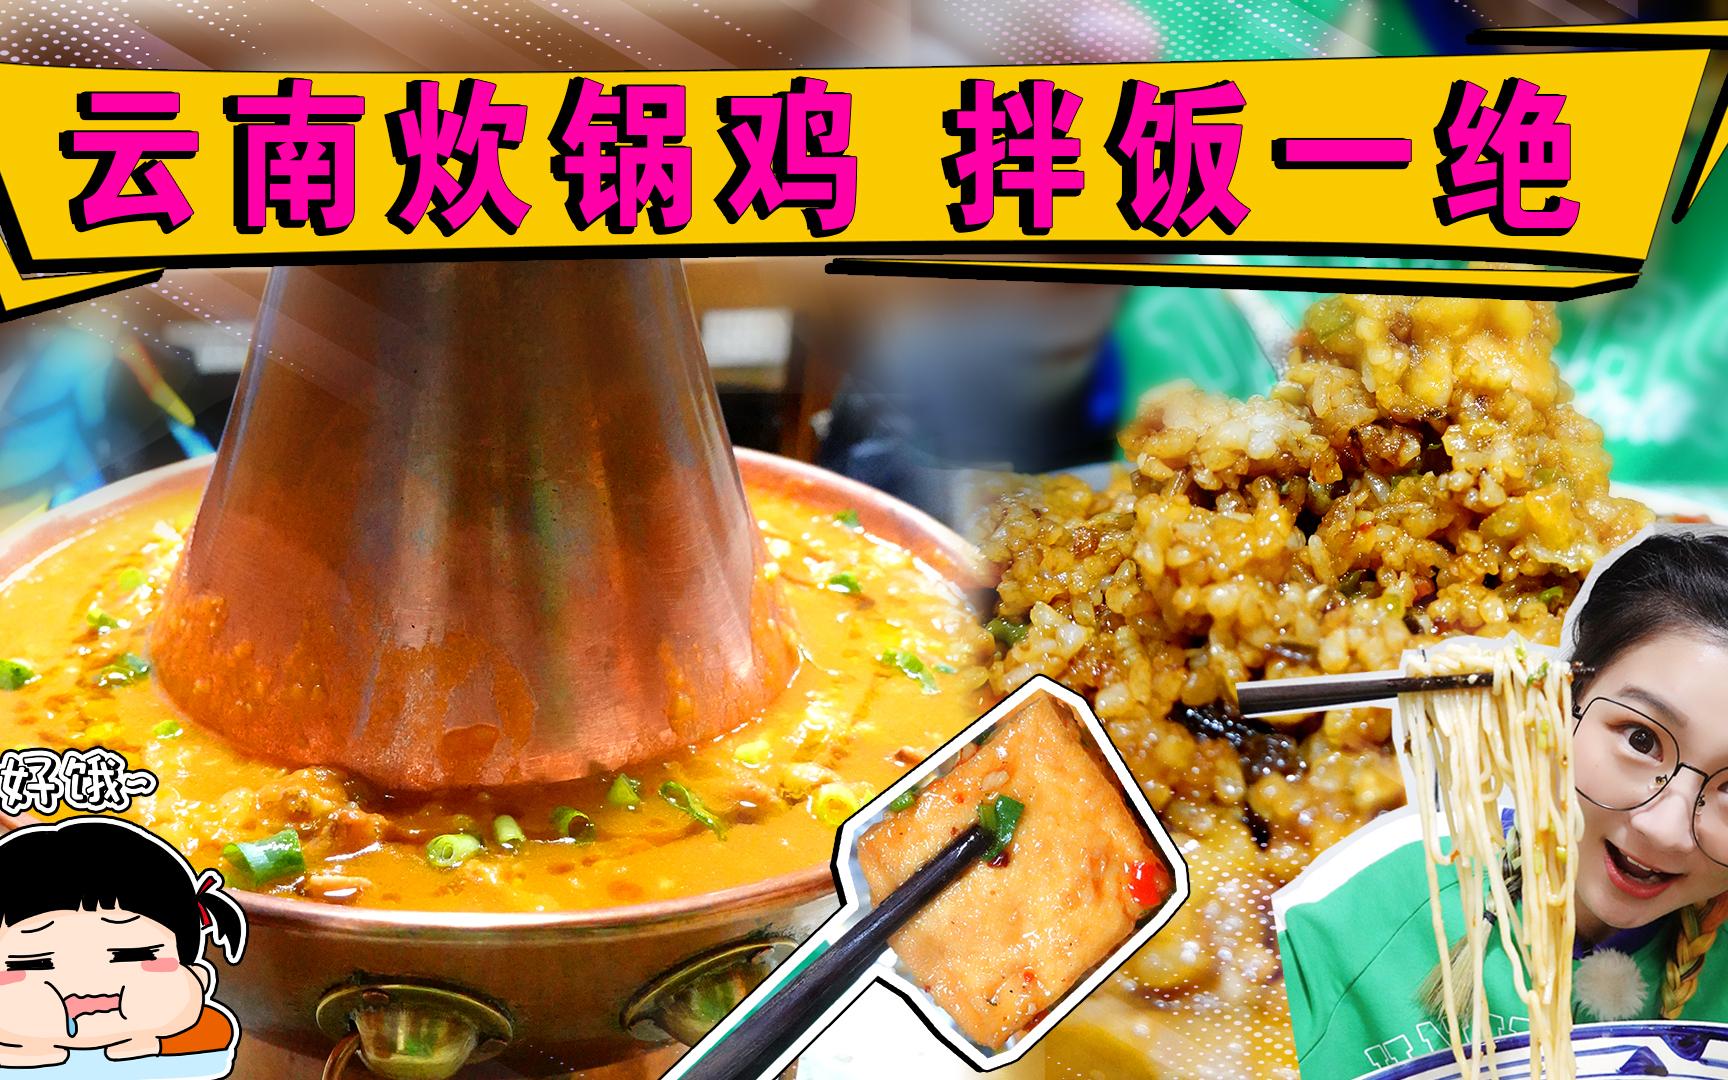 【逛吃北京】土豆泥和鸡块完美融合的一大锅!这家藏在小区里的云南菜太难找了